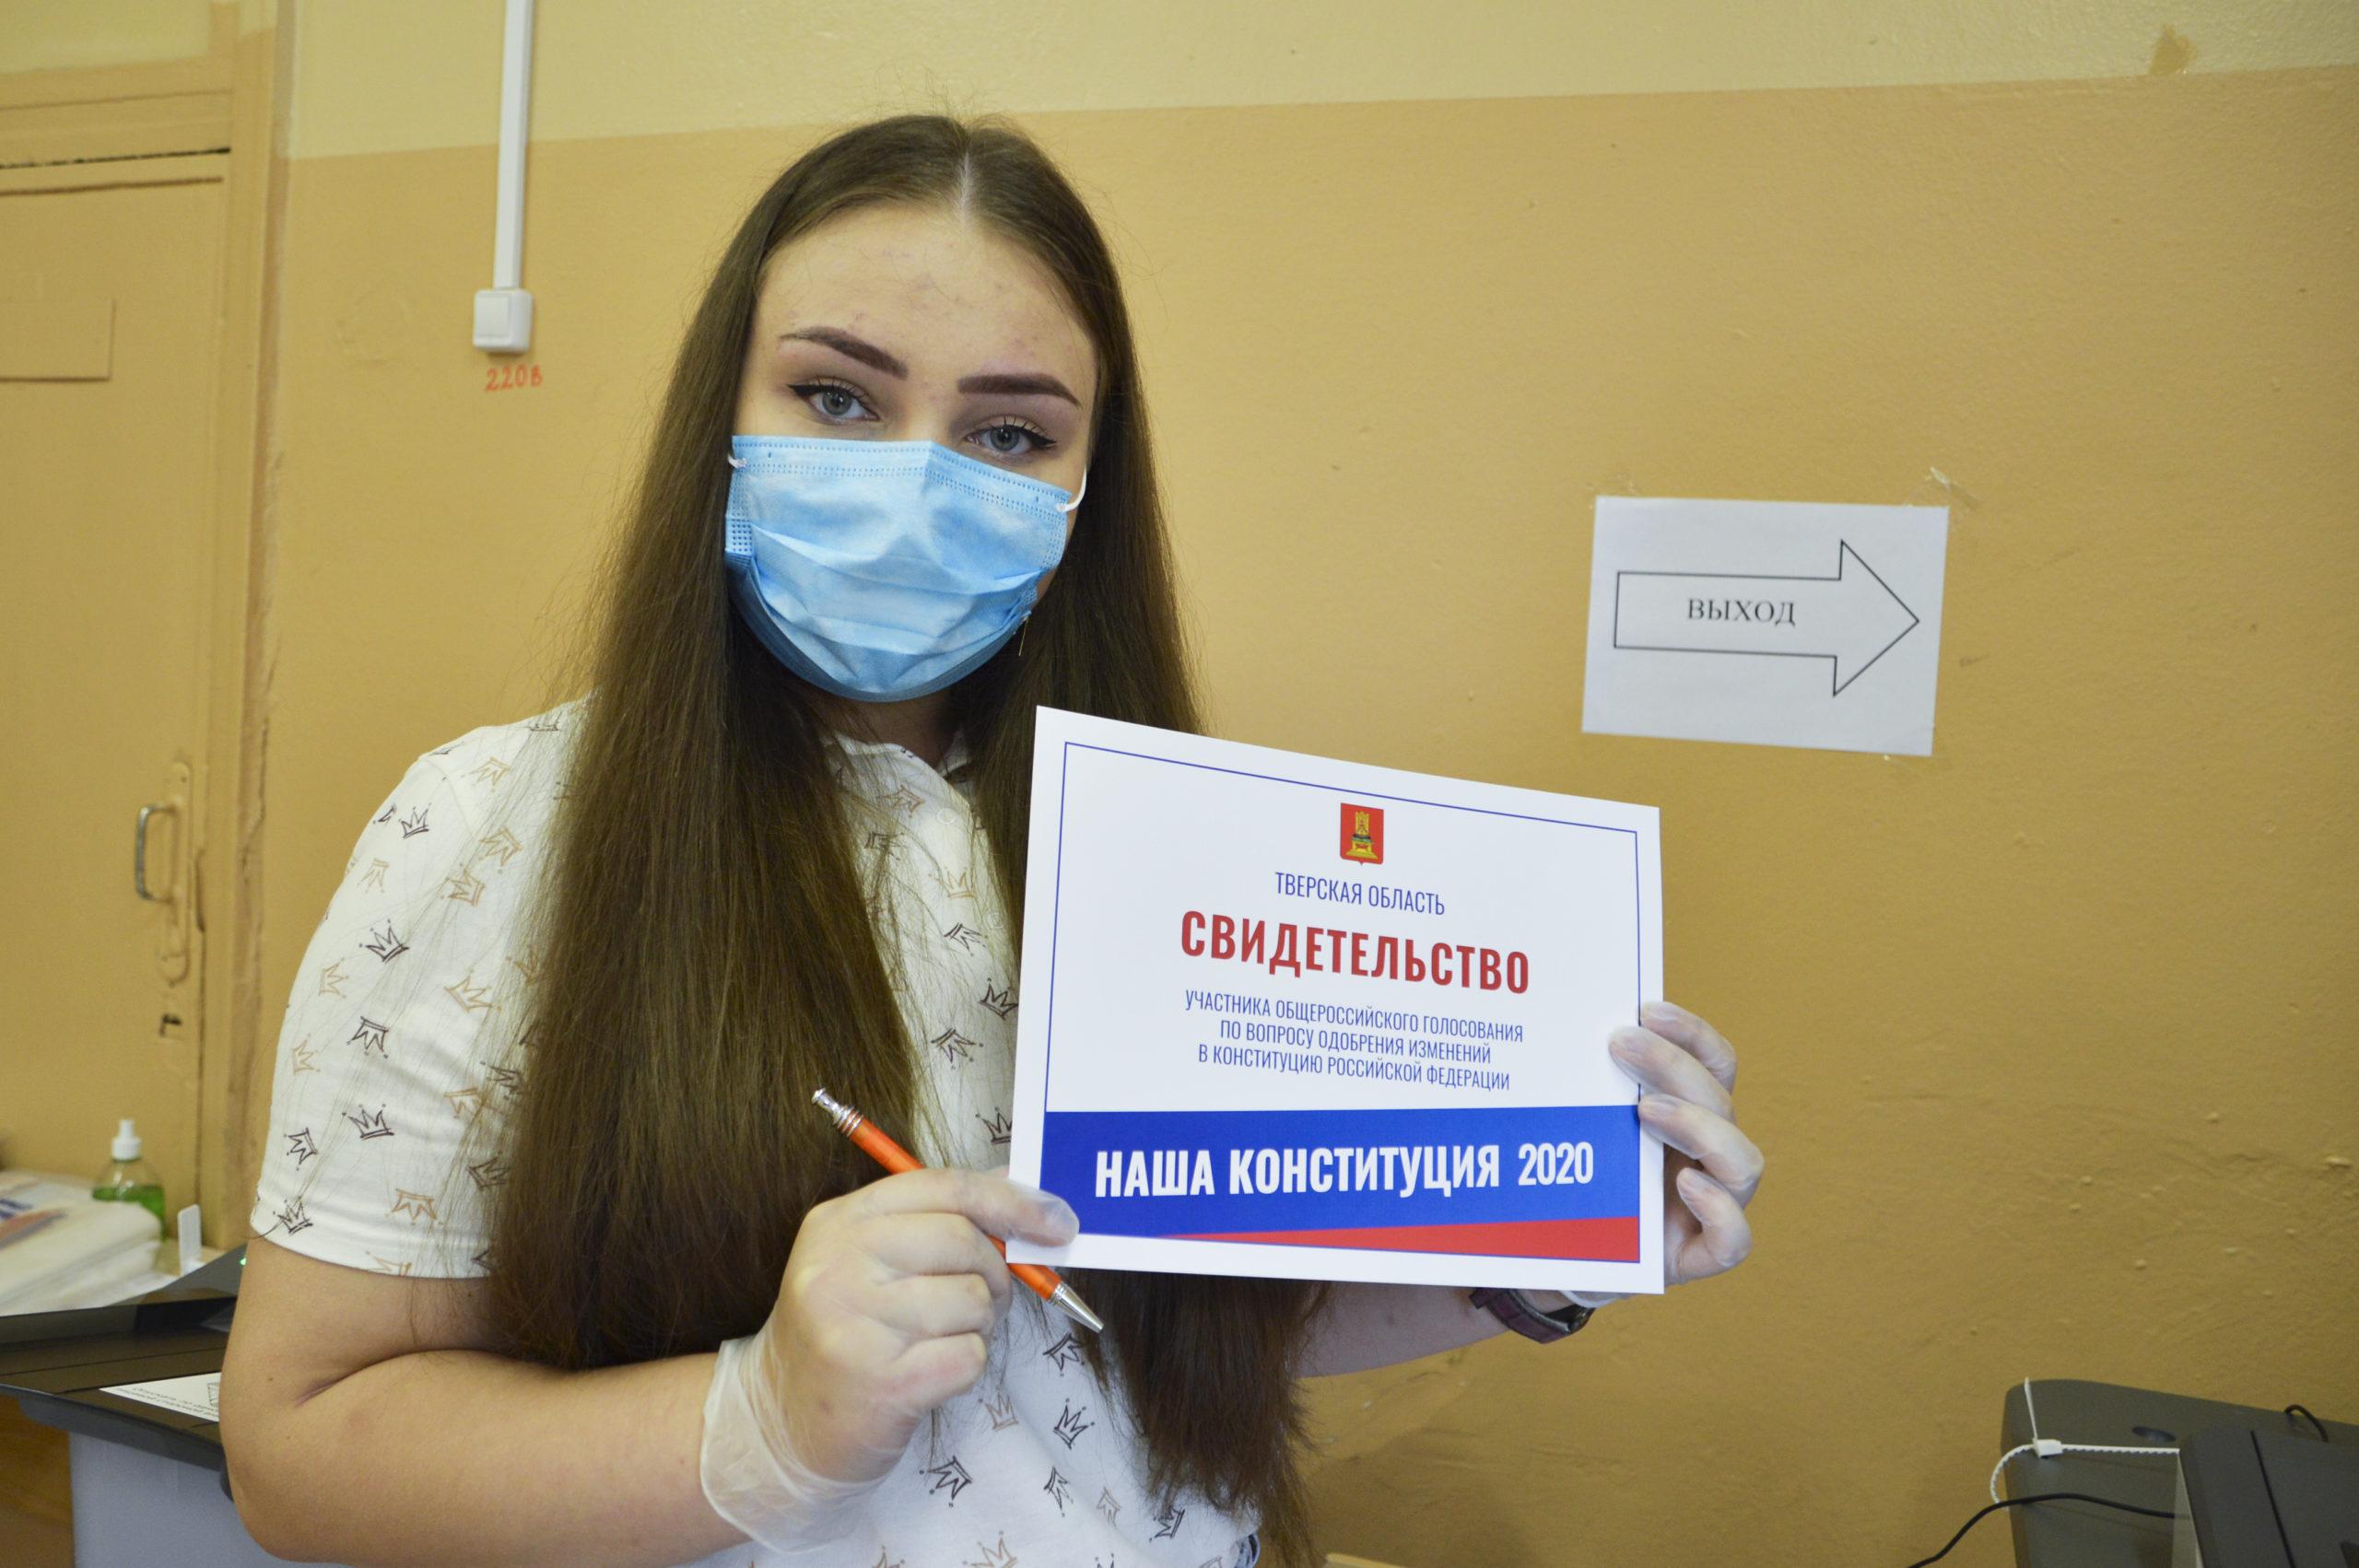 Анна Слёзкина: рада, что совершеннолетие наступило перед Общероссийским голосованием